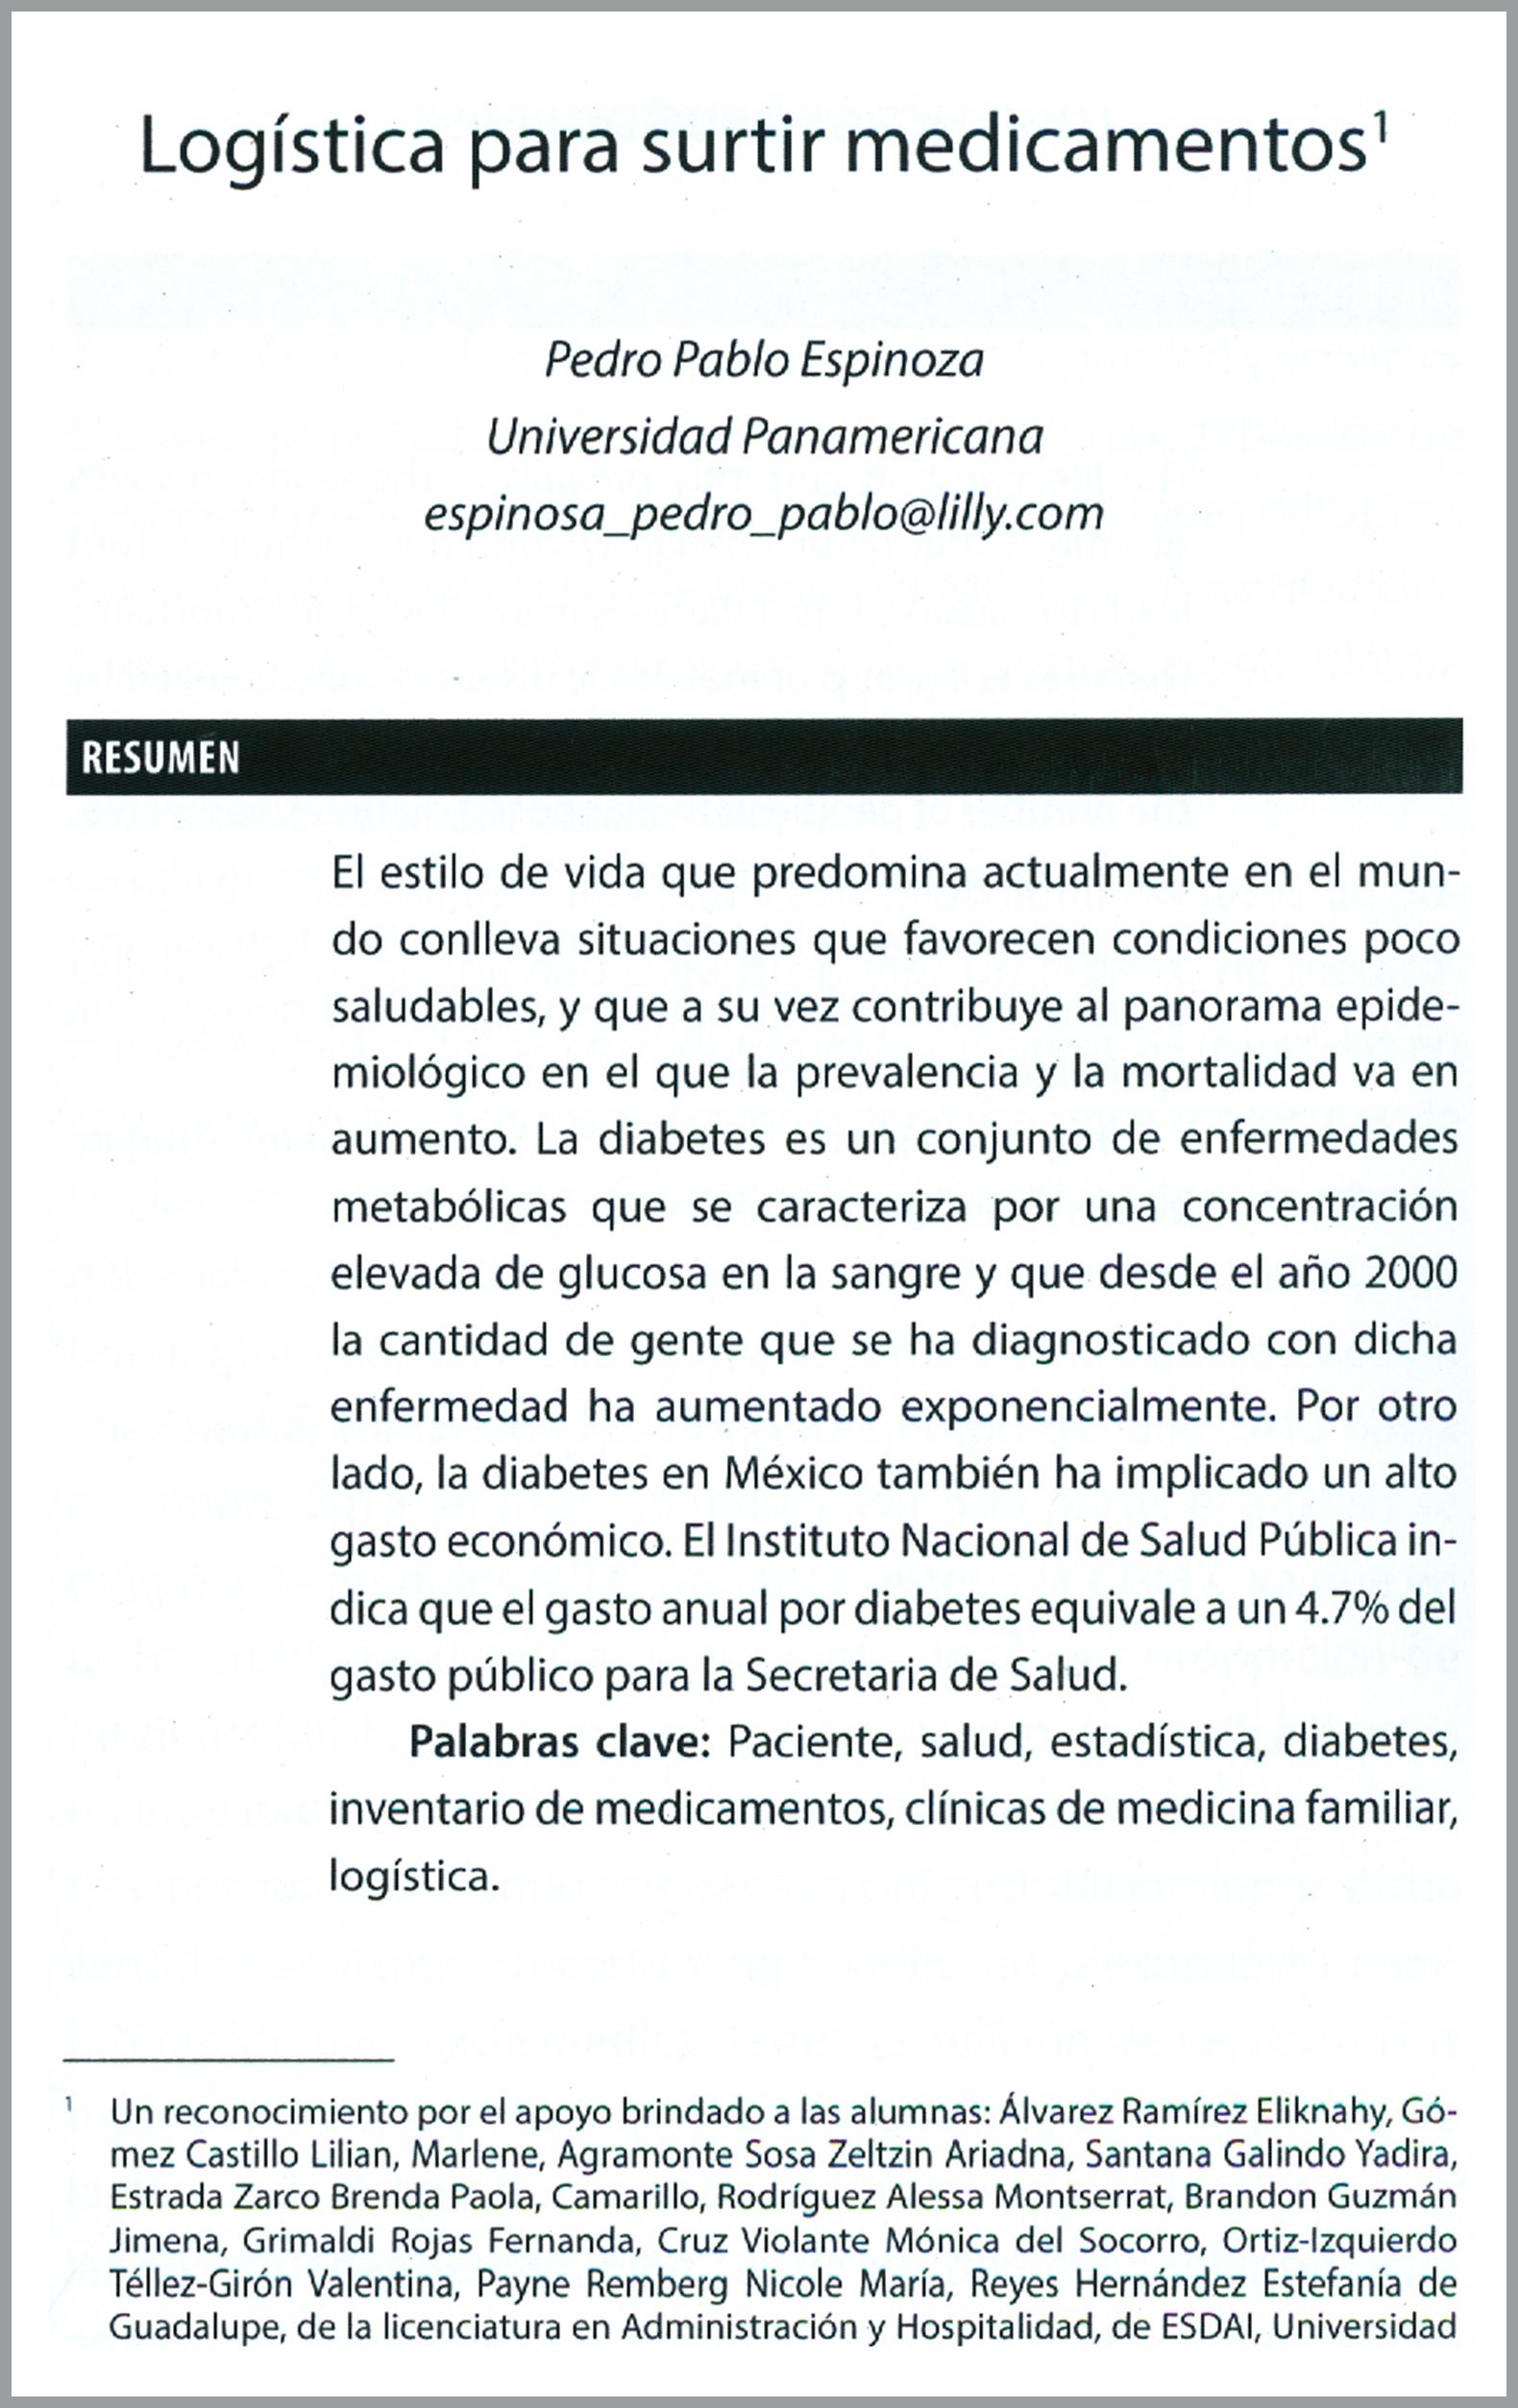 Resumen de los estilos biblatex de diabetes